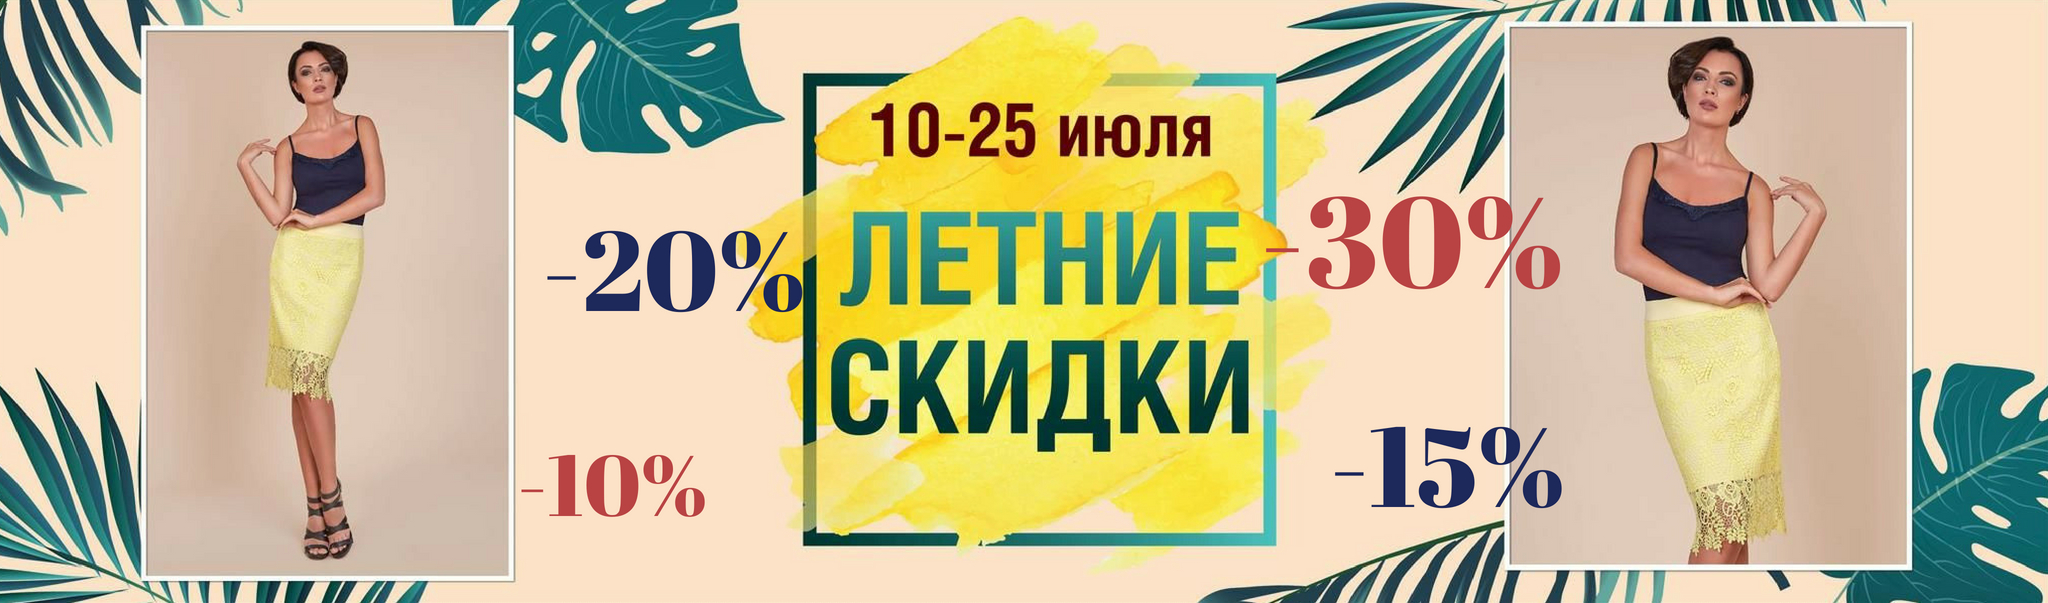 Полная летняя распродажа одежды коллекции 2018 года от ТМ ХеленА